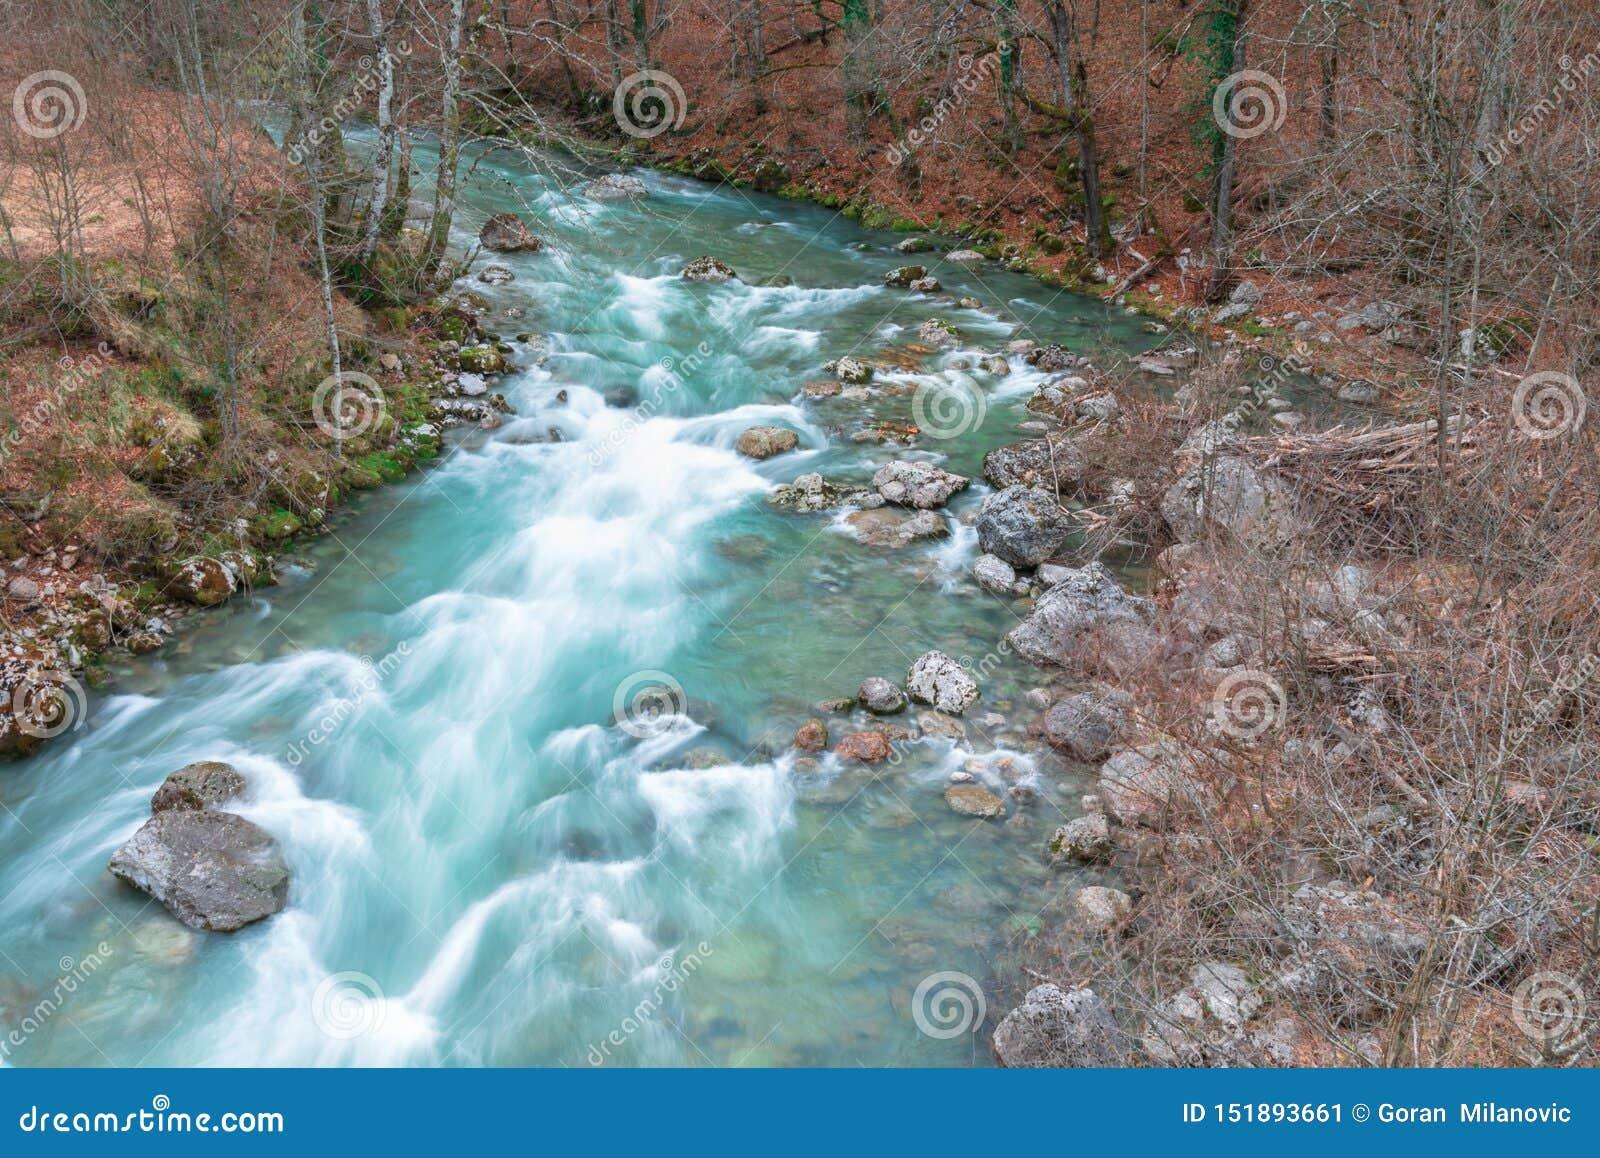 Дикое река и чувство свободы